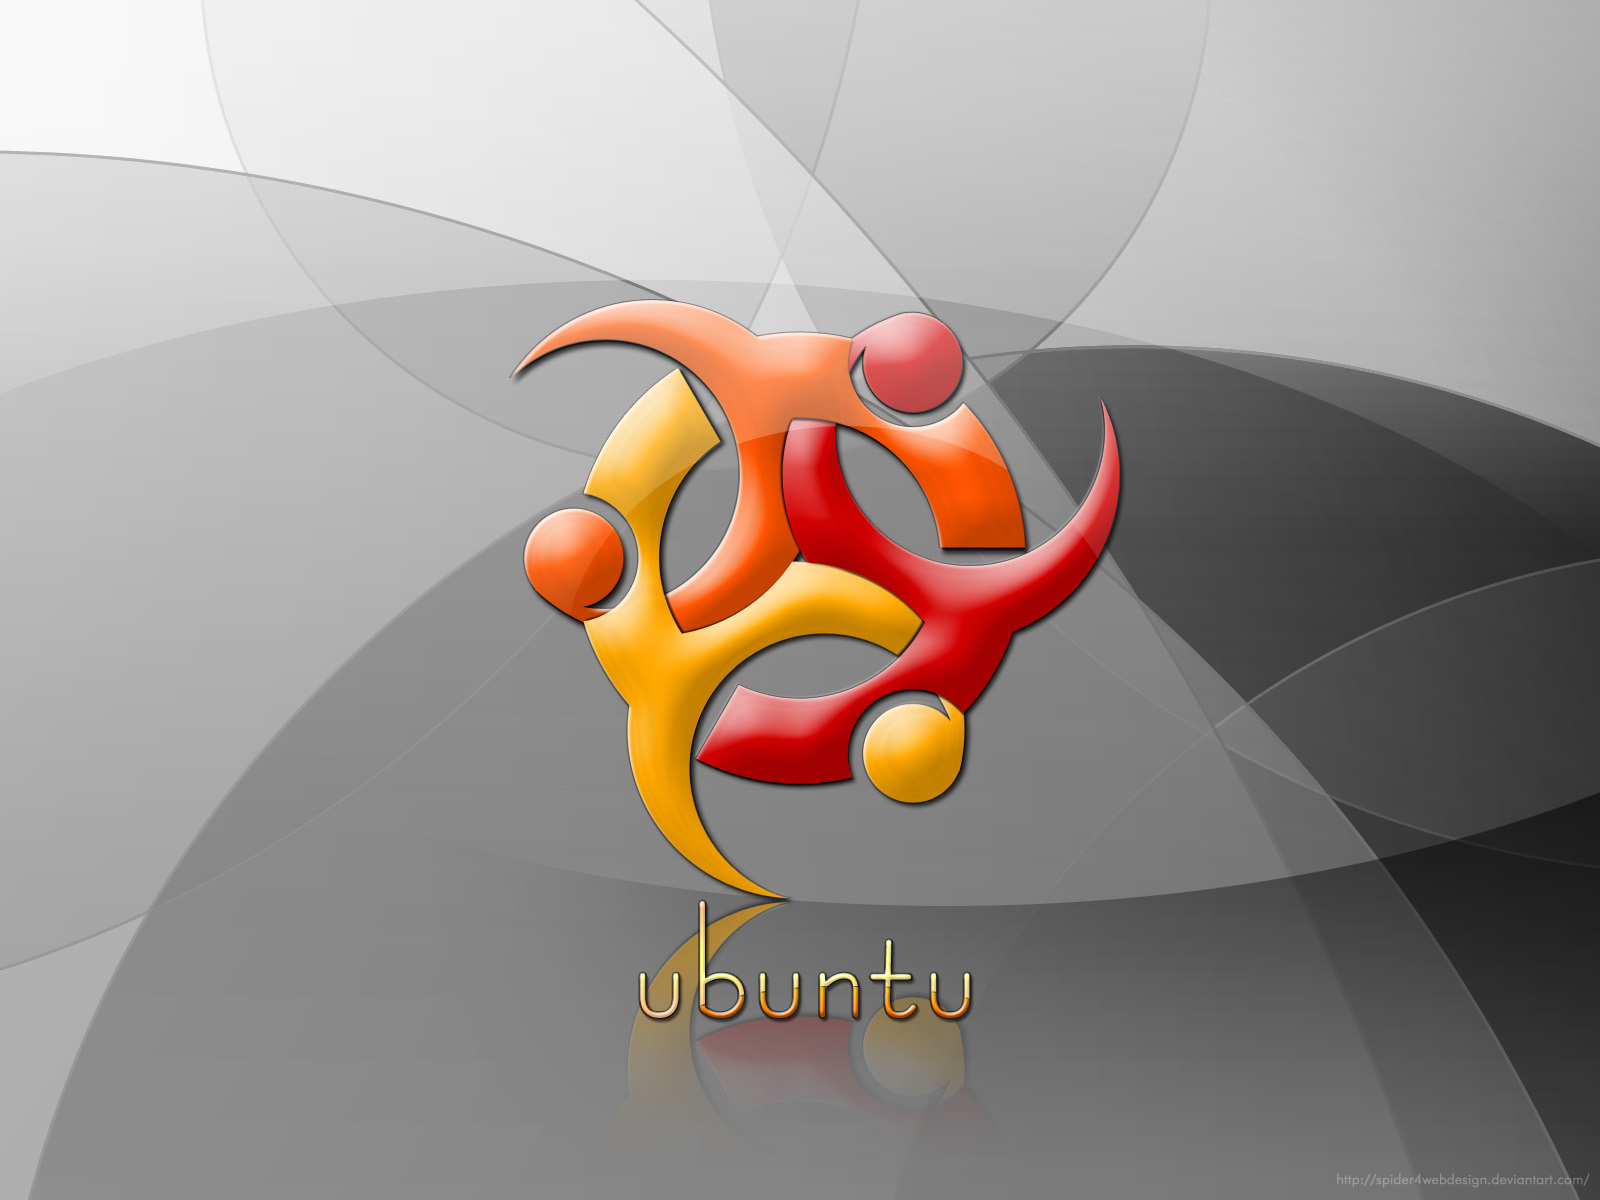 Ubuntu 3D Wallpapers HD